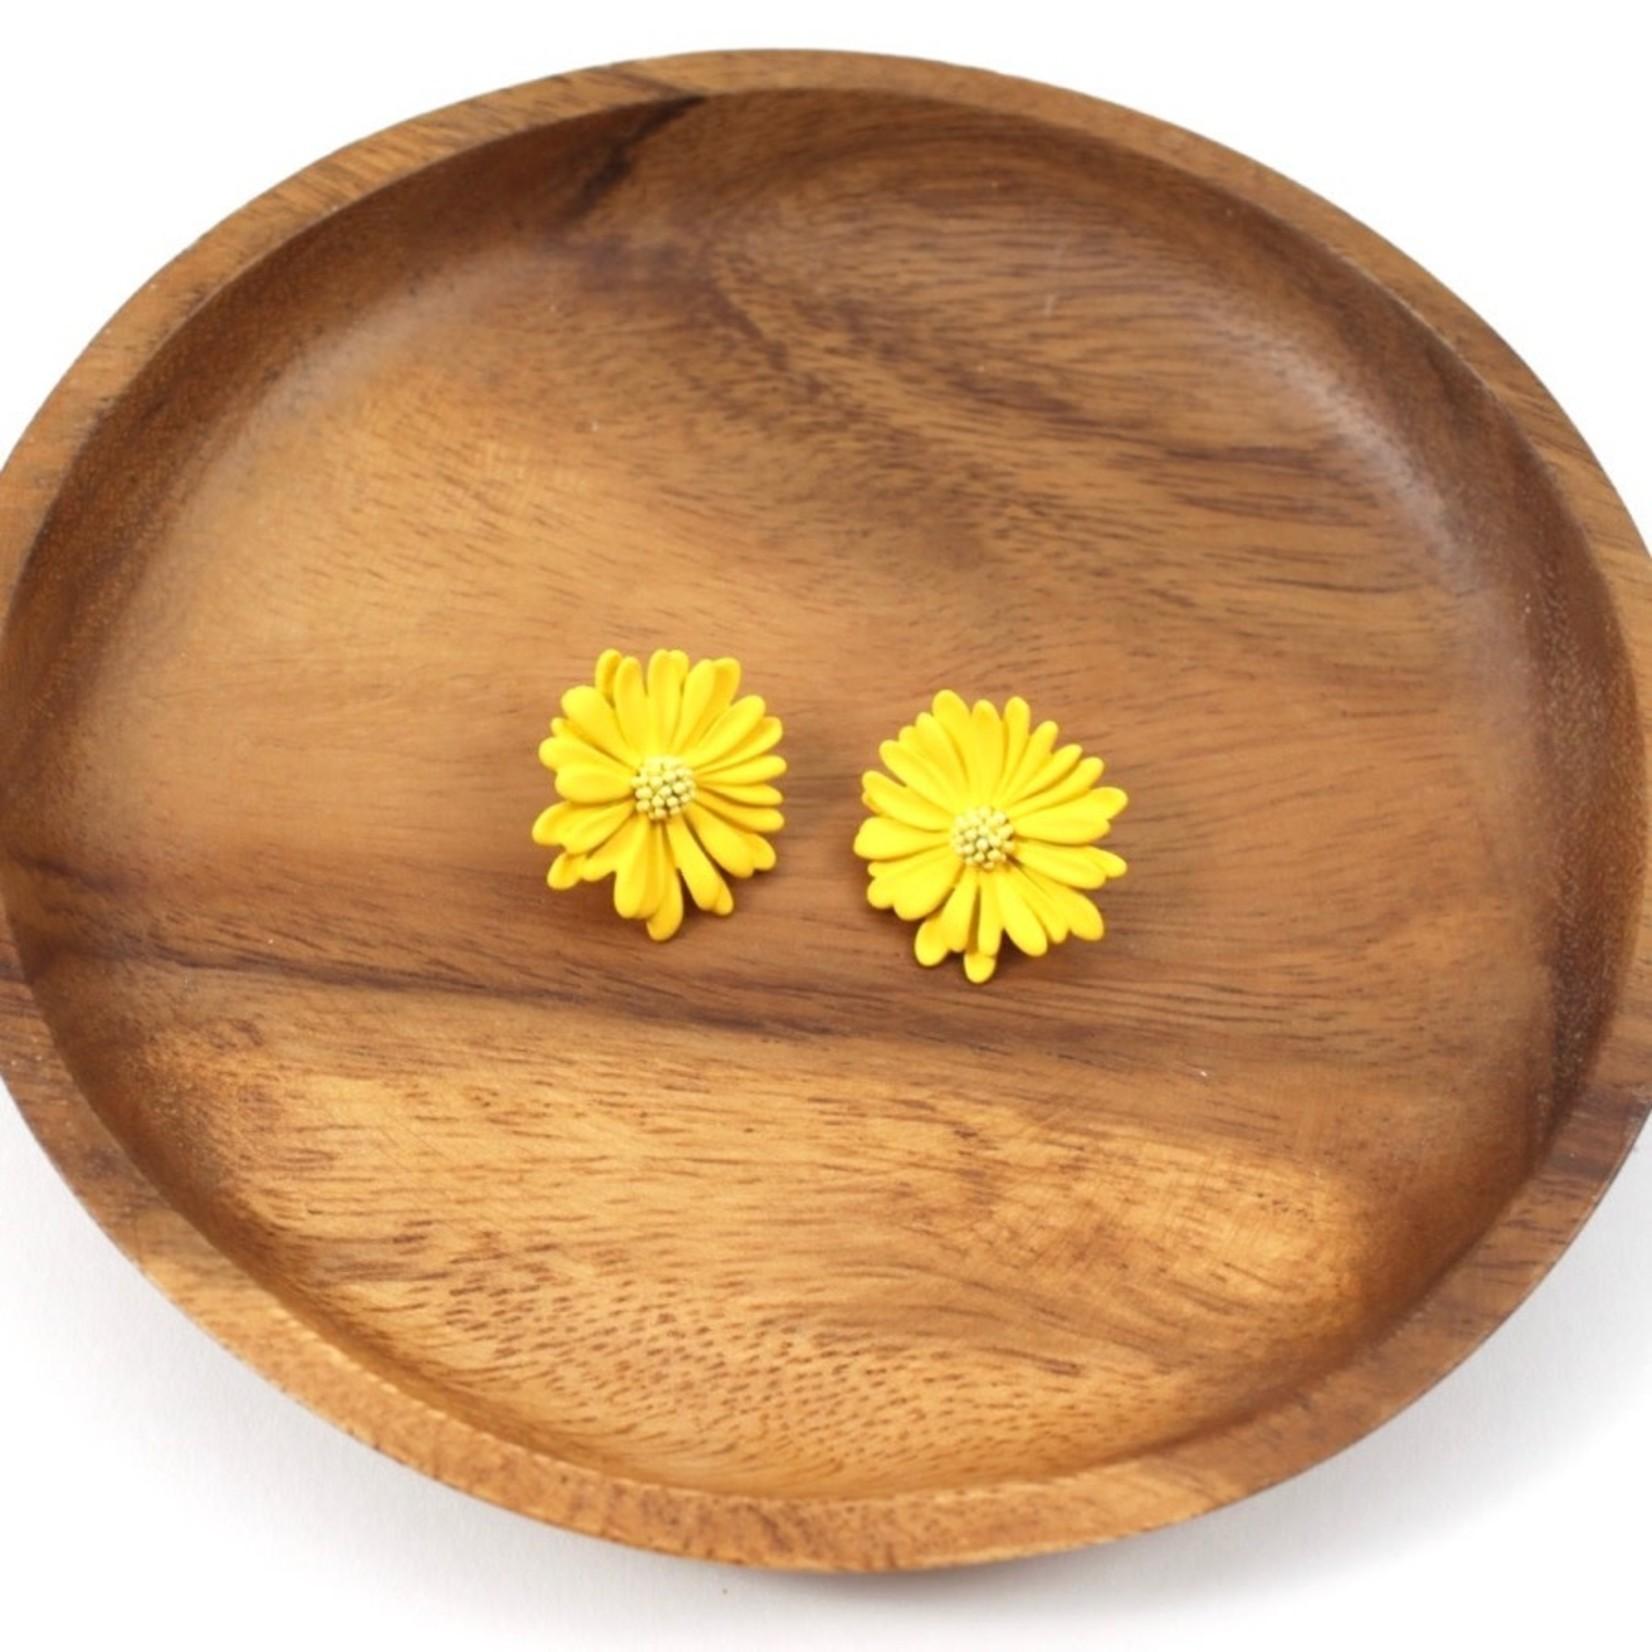 Yellow Daisy Stud Earrings